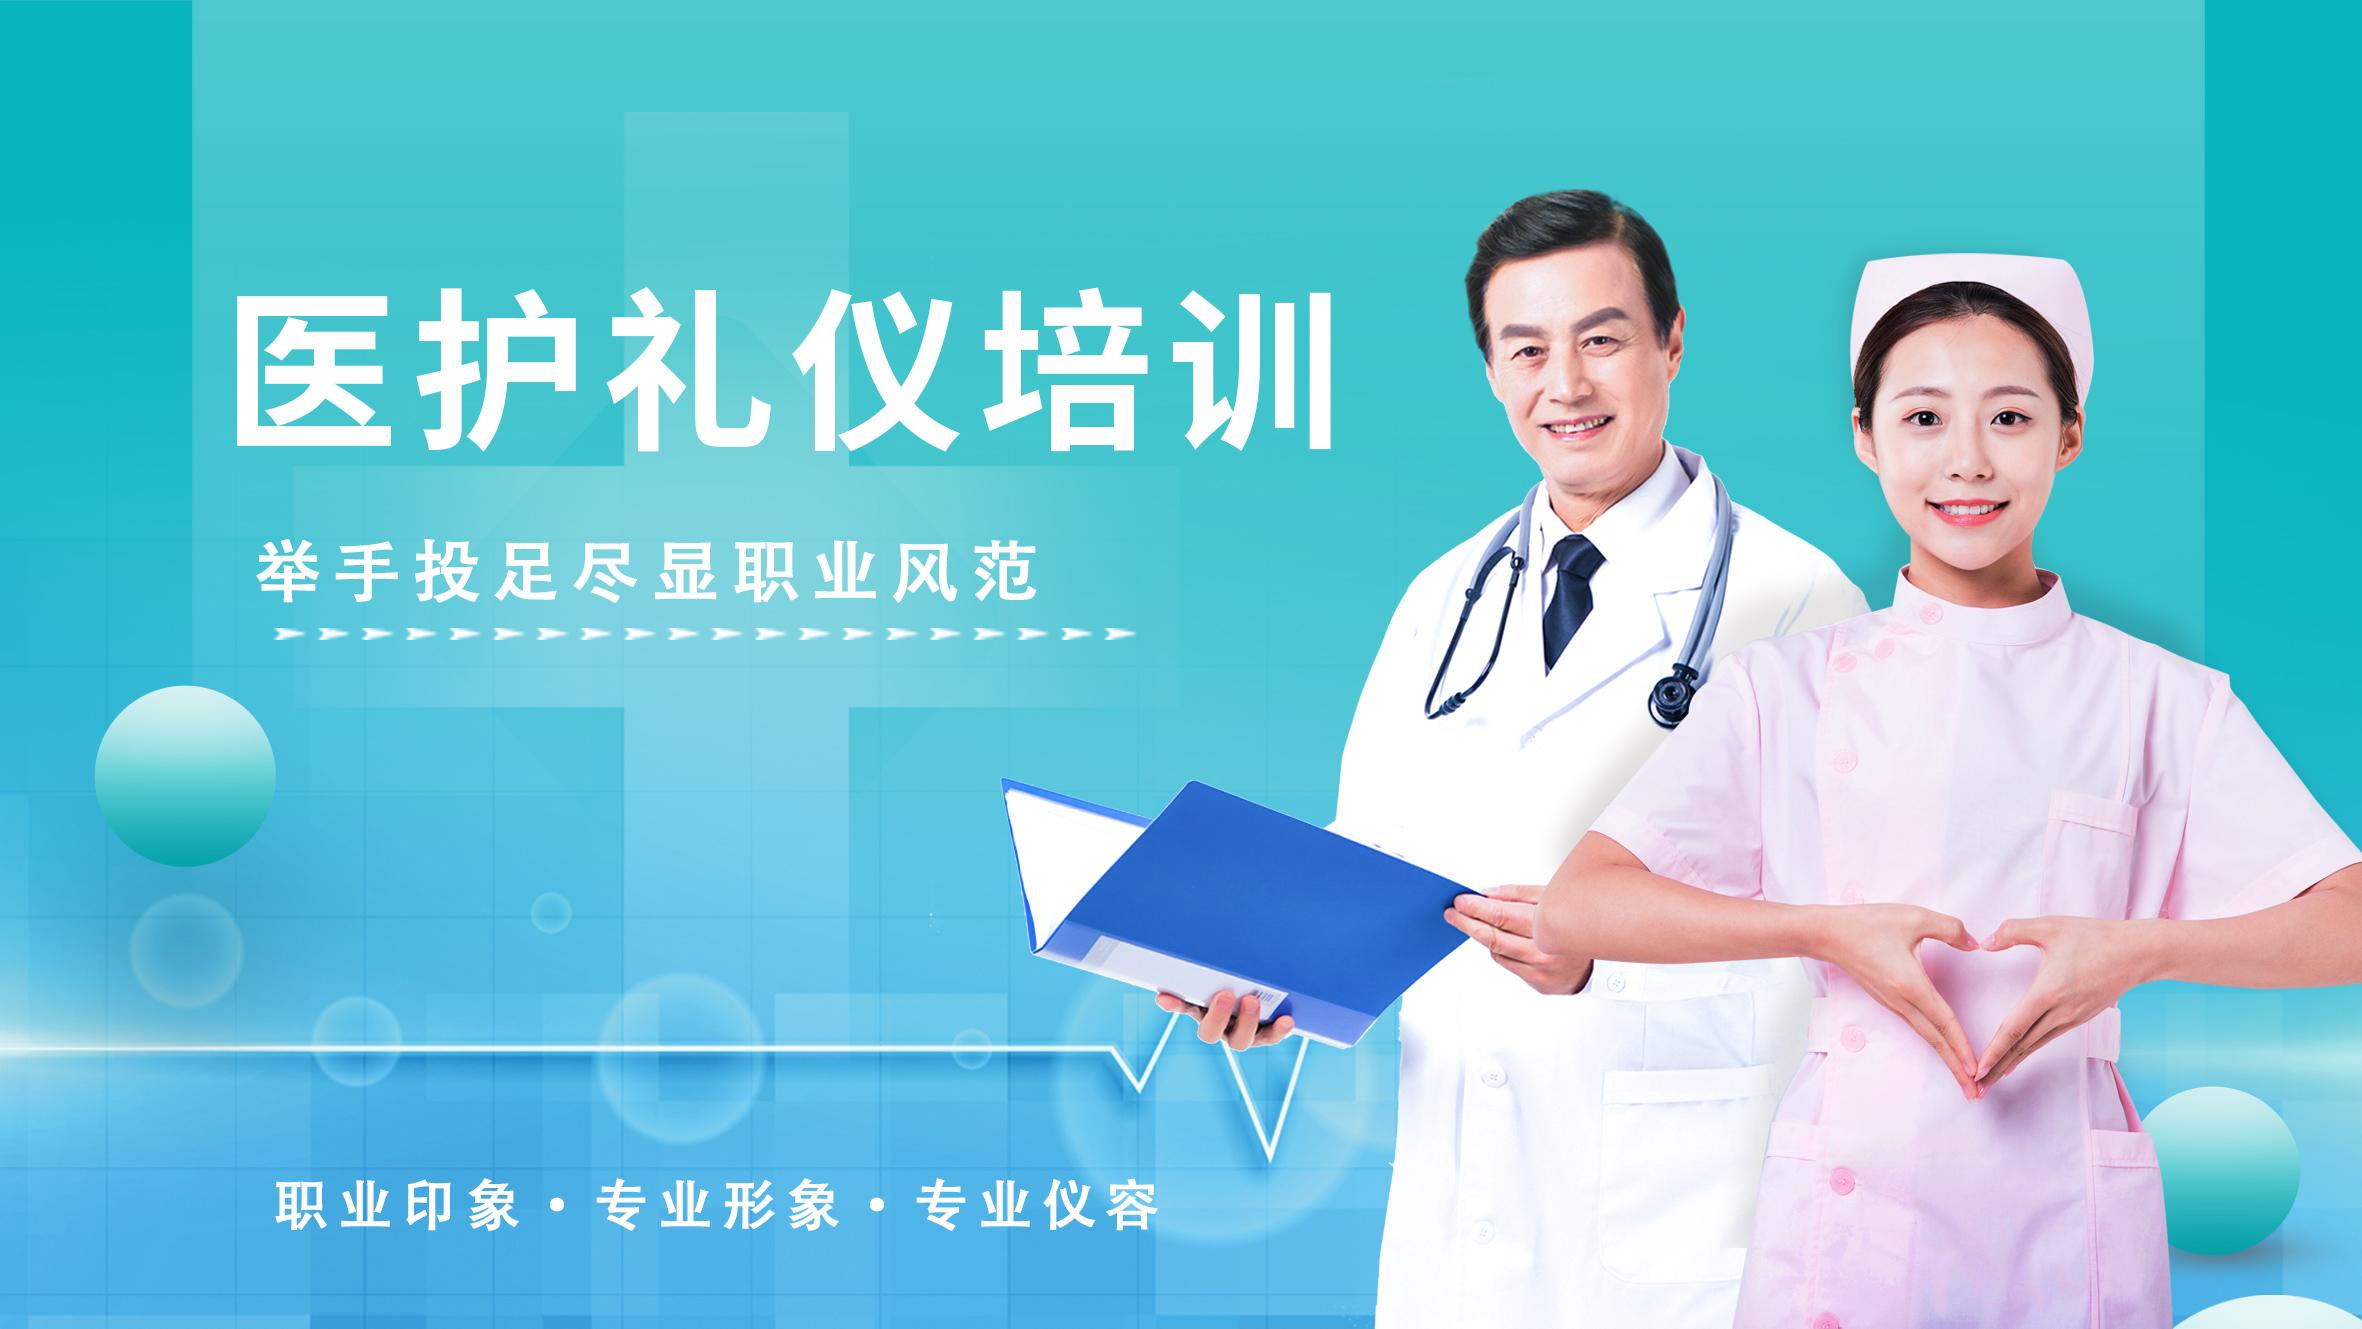 医疗行业礼仪培训项目定制